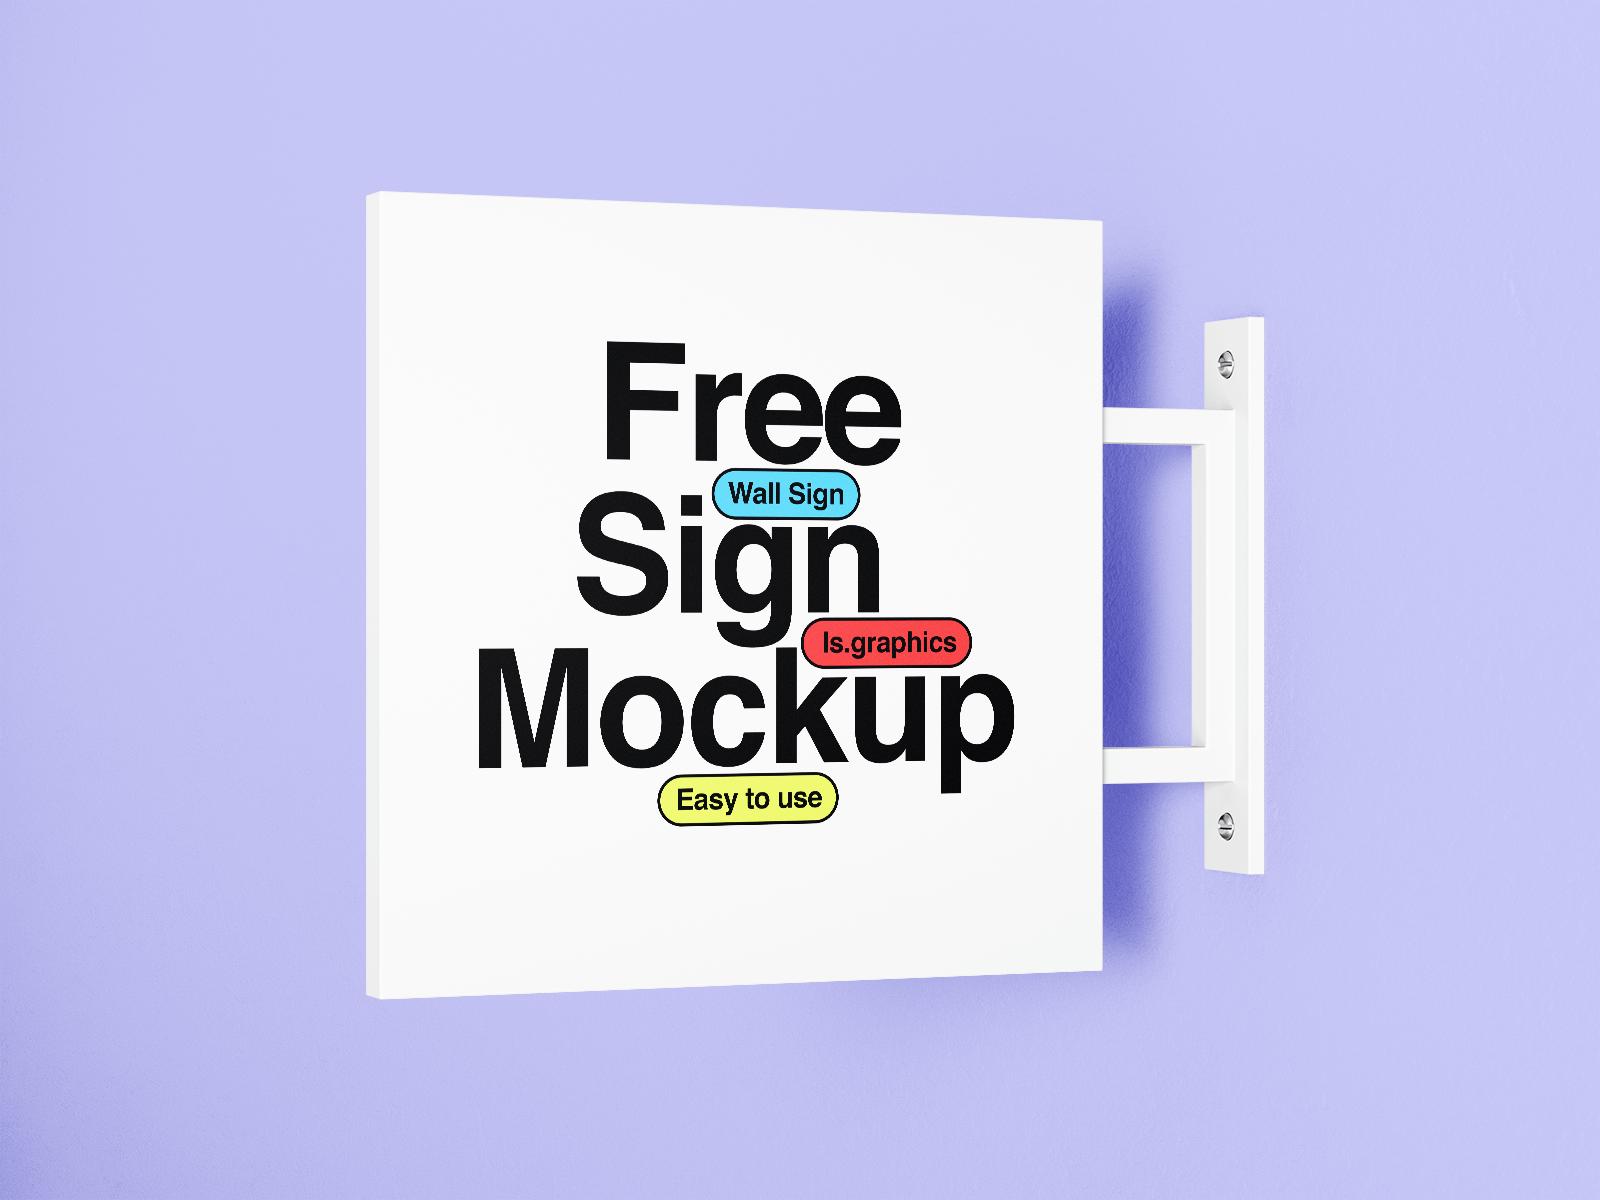 Free Wall-mounted Sign Mockup